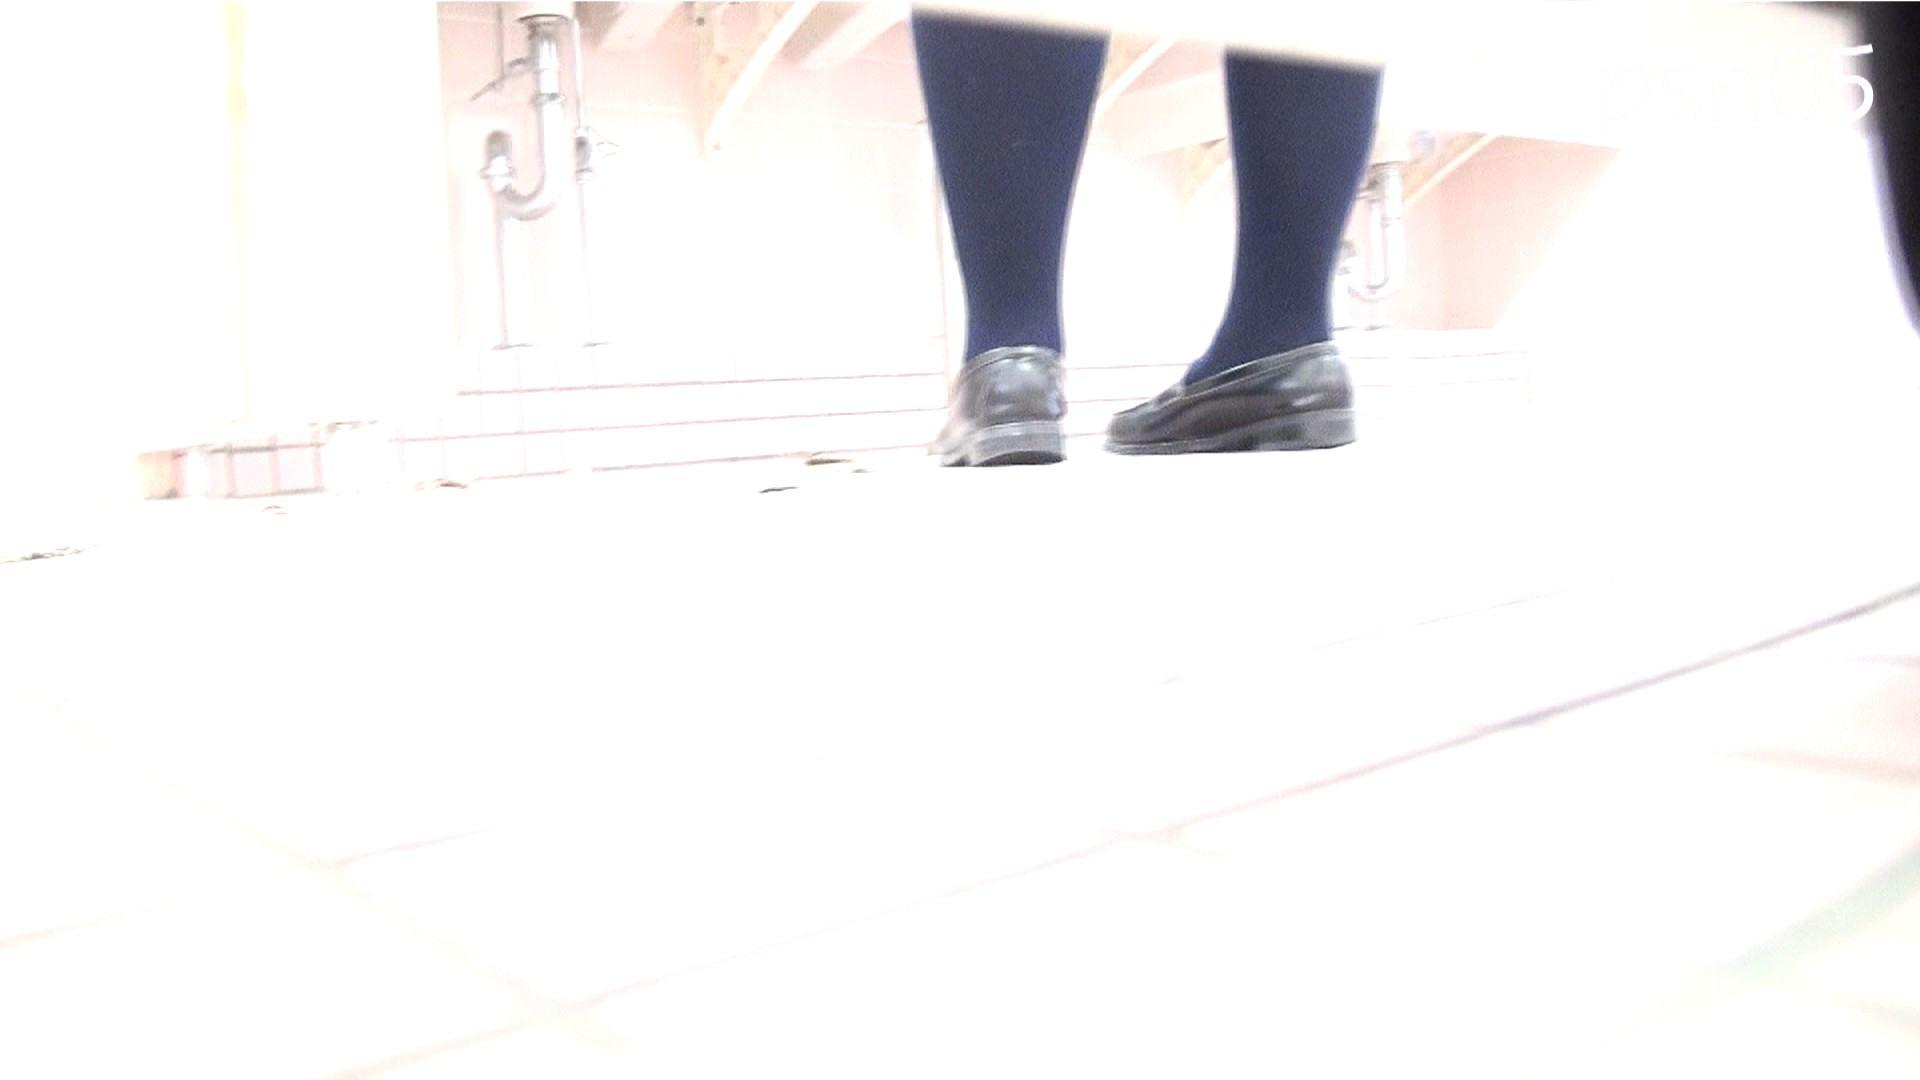 ▲復活限定▲ハイビジョン 盗神伝 Vol.5 期間限定動画 戯れ無修正画像 111枚 75